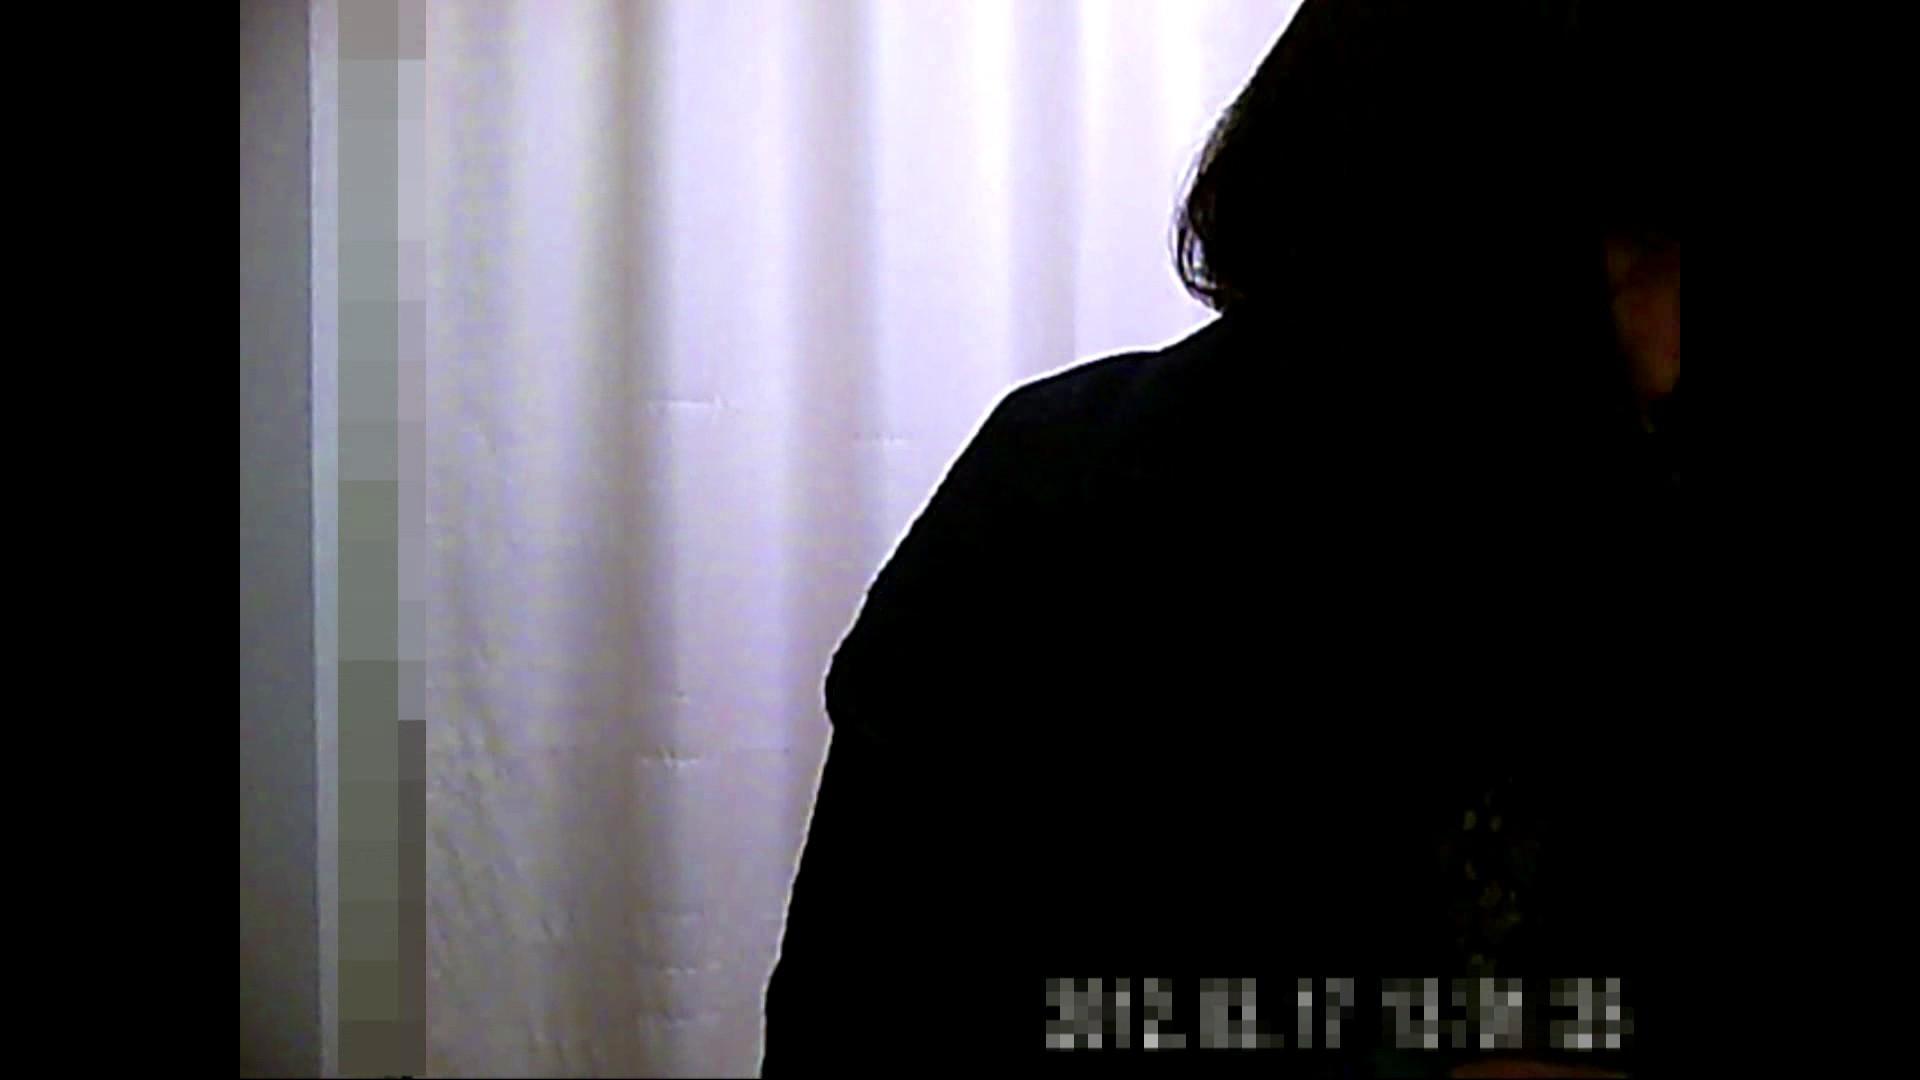 無修正ヌード|元医者による反抗 更衣室地獄絵巻 vol.026|怪盗ジョーカー